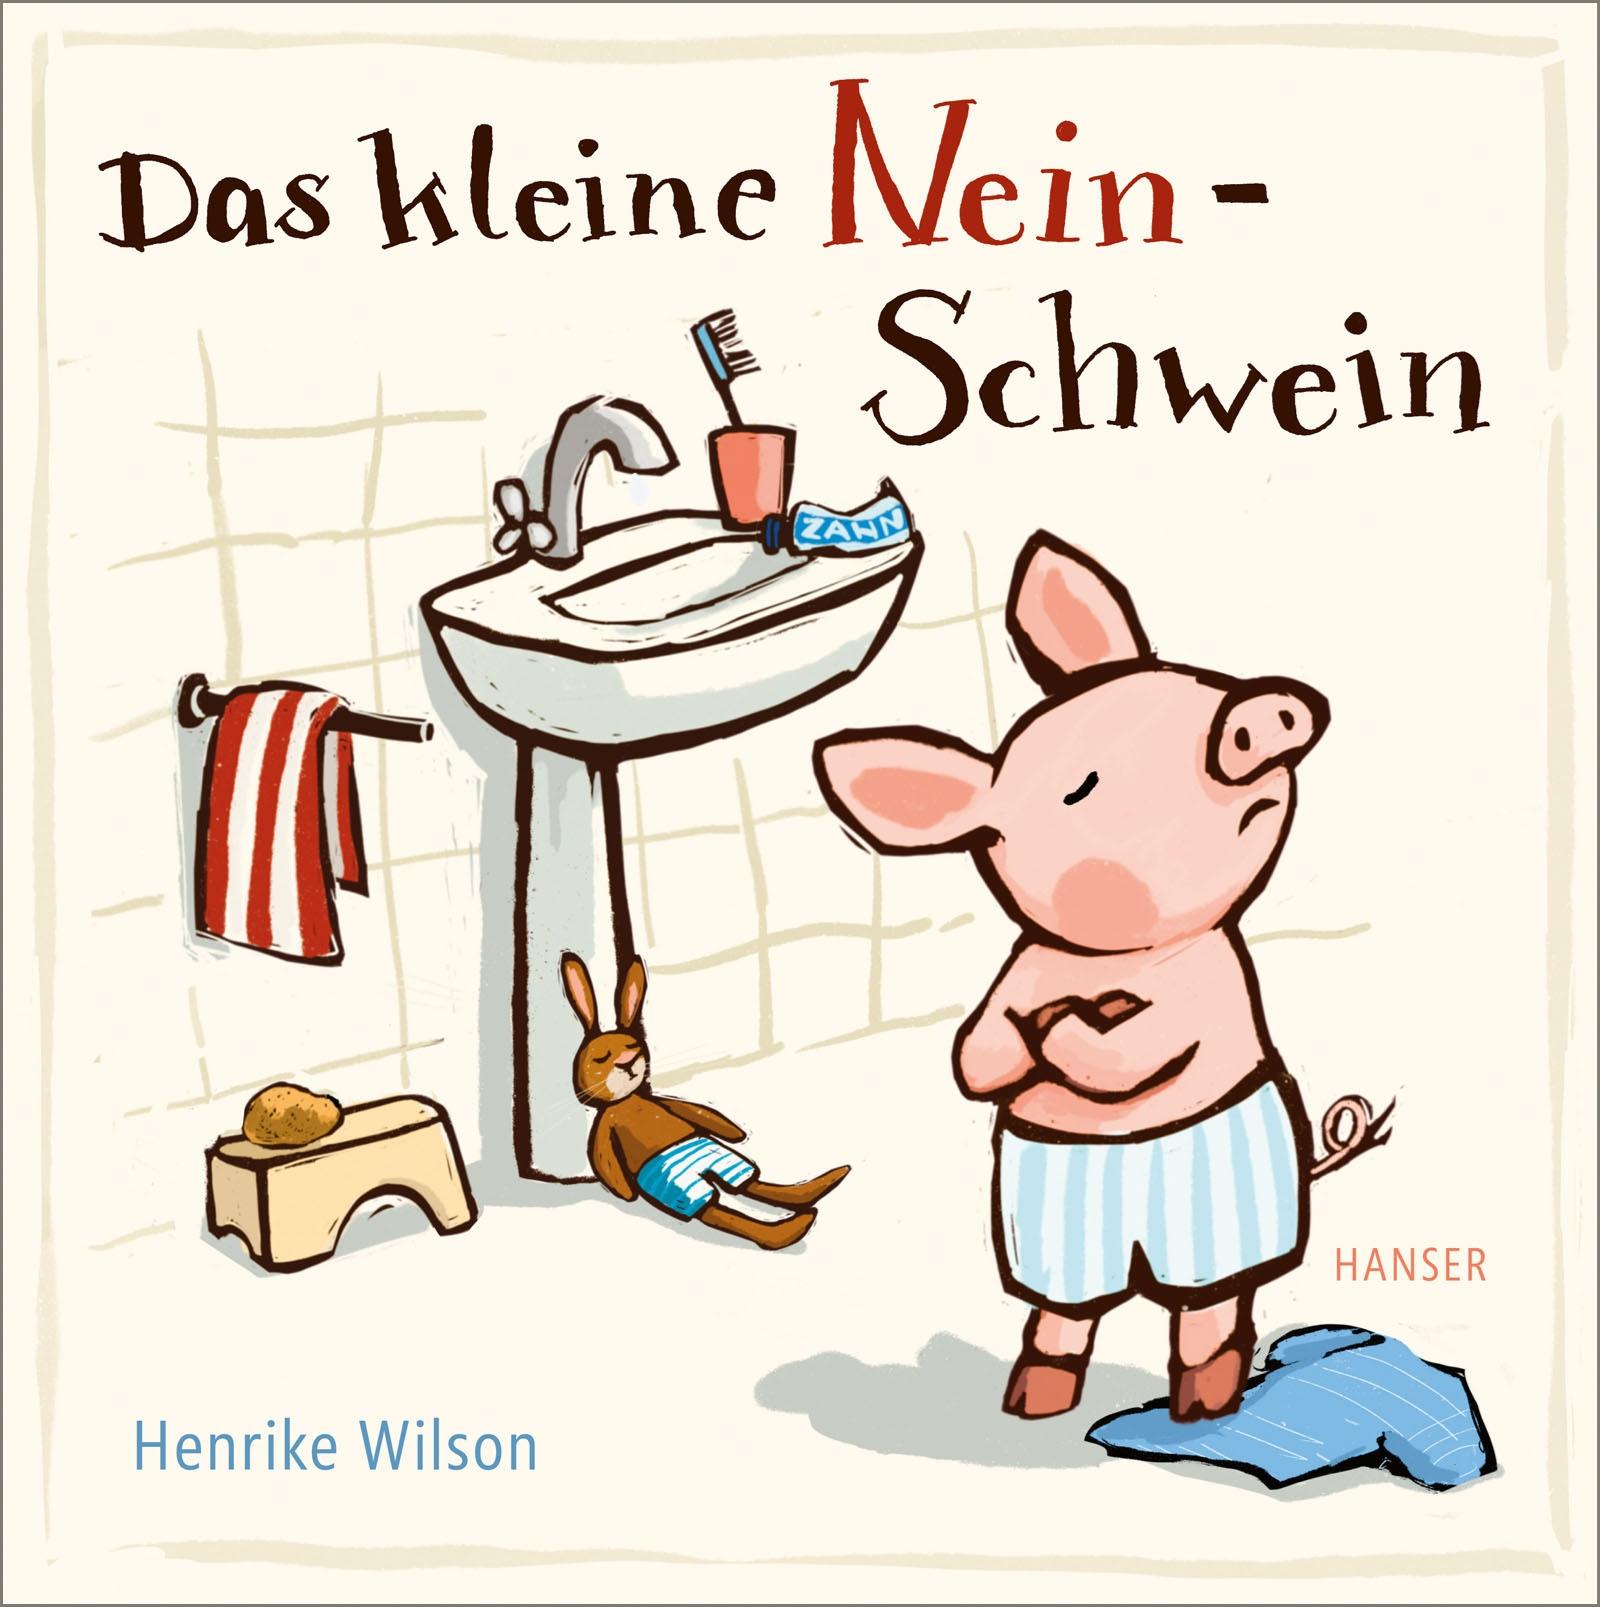 Das kleine Nein-Schwein